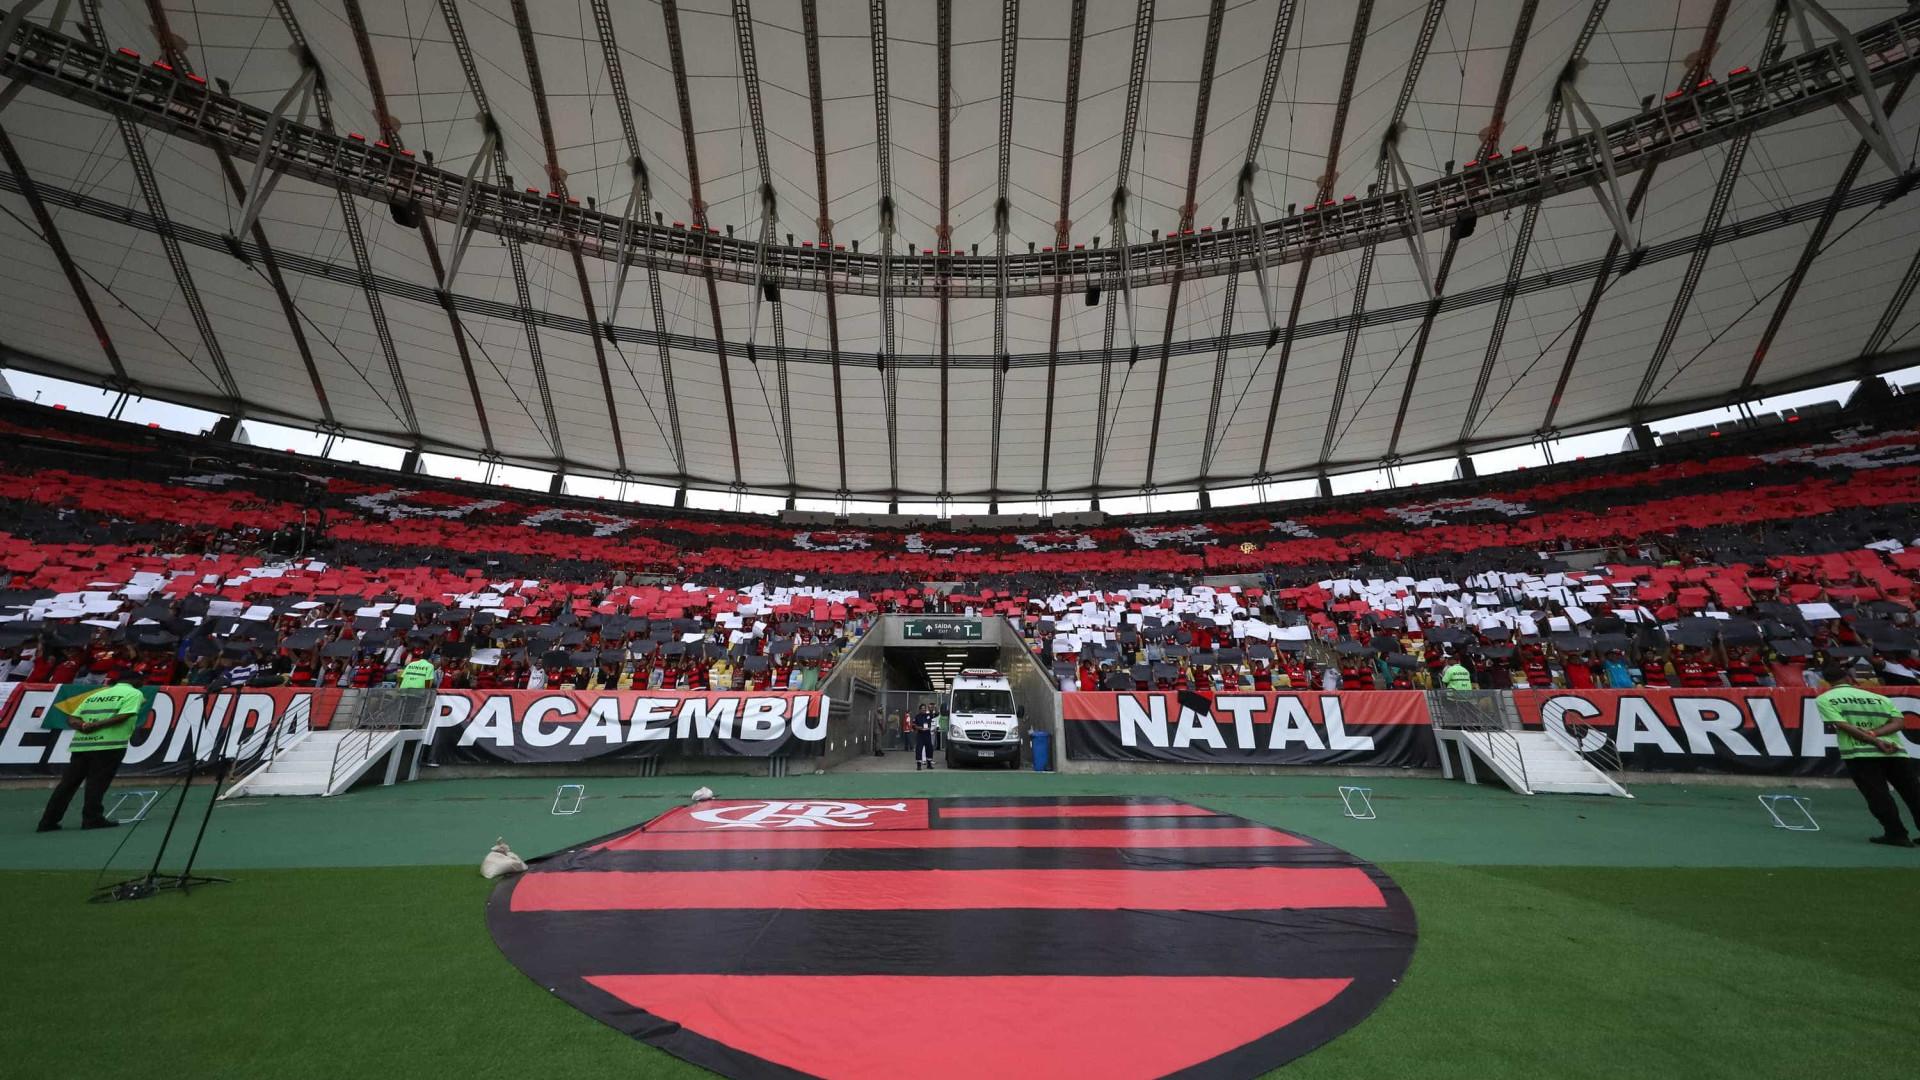 Flamengo lucra em jogo no Maraca e se empolga para administrar estádio